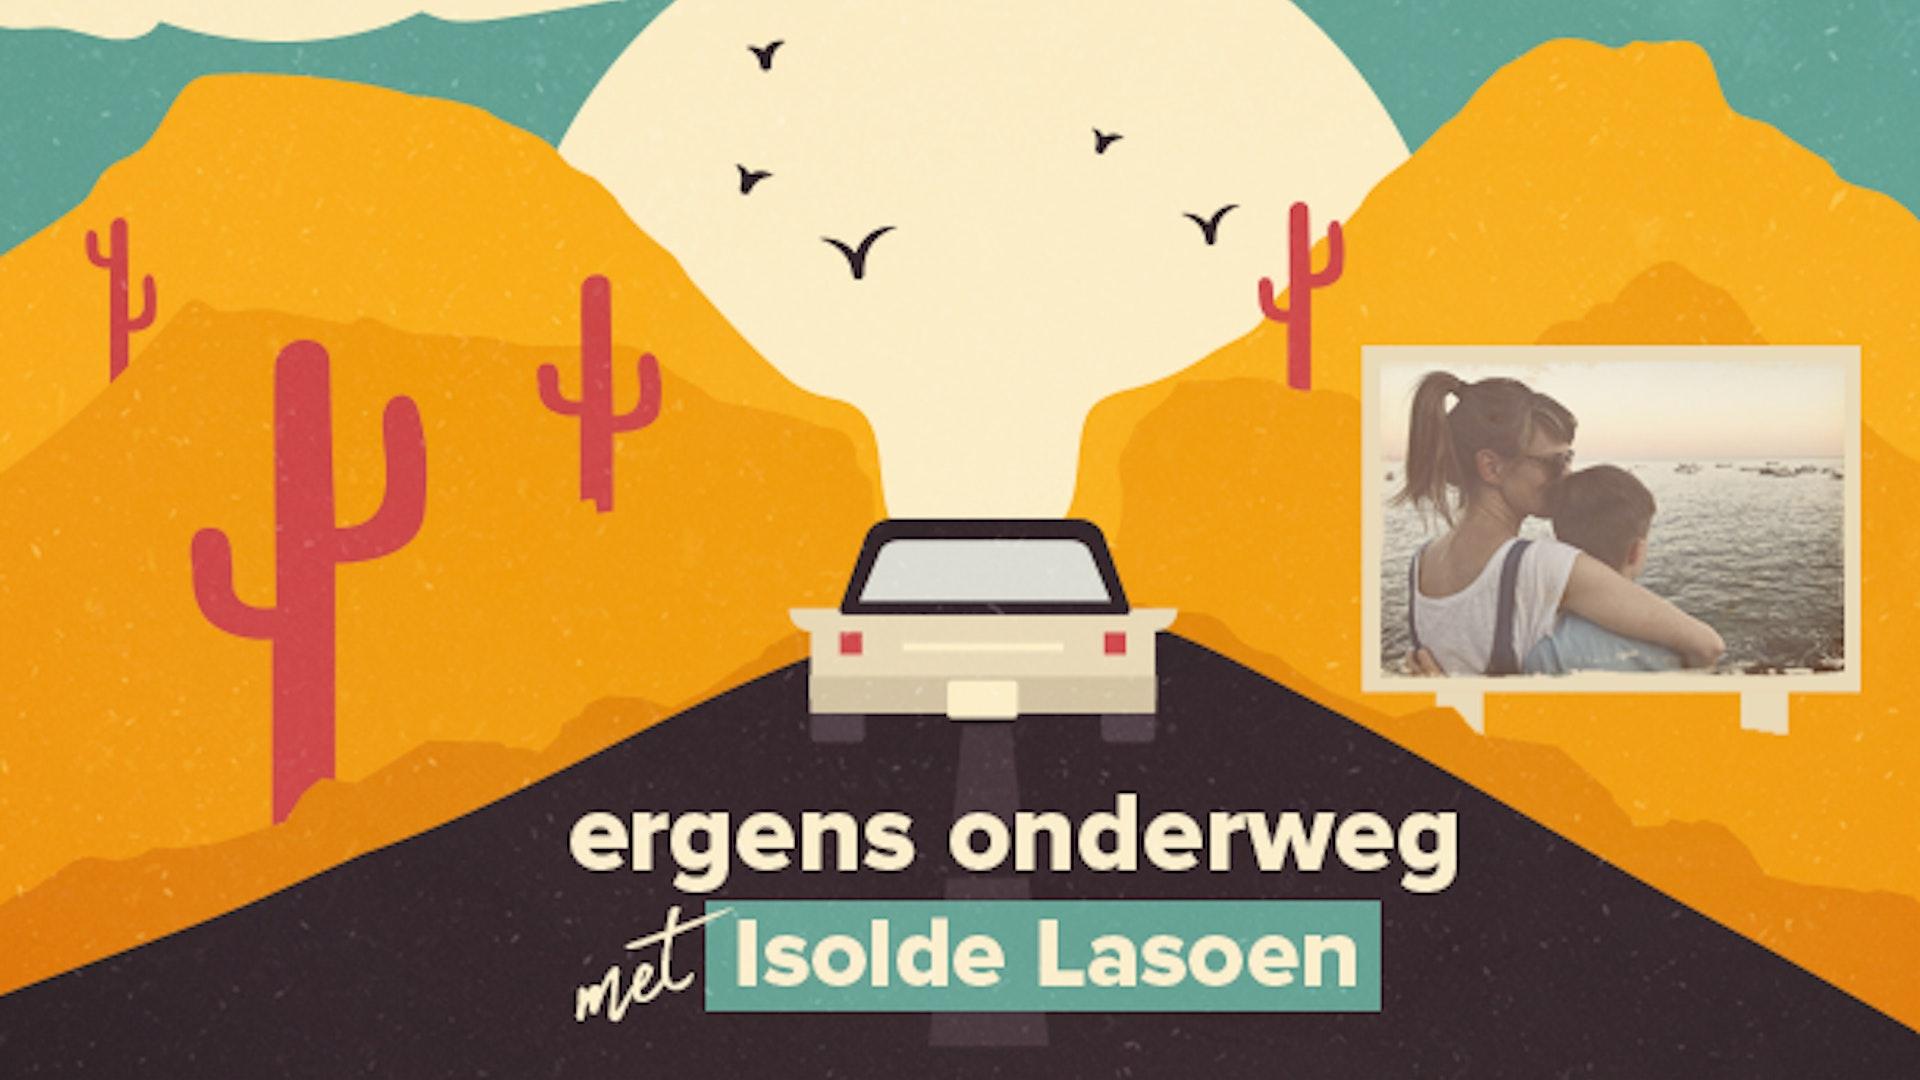 Ergens onderweg met Isolde Lasoen